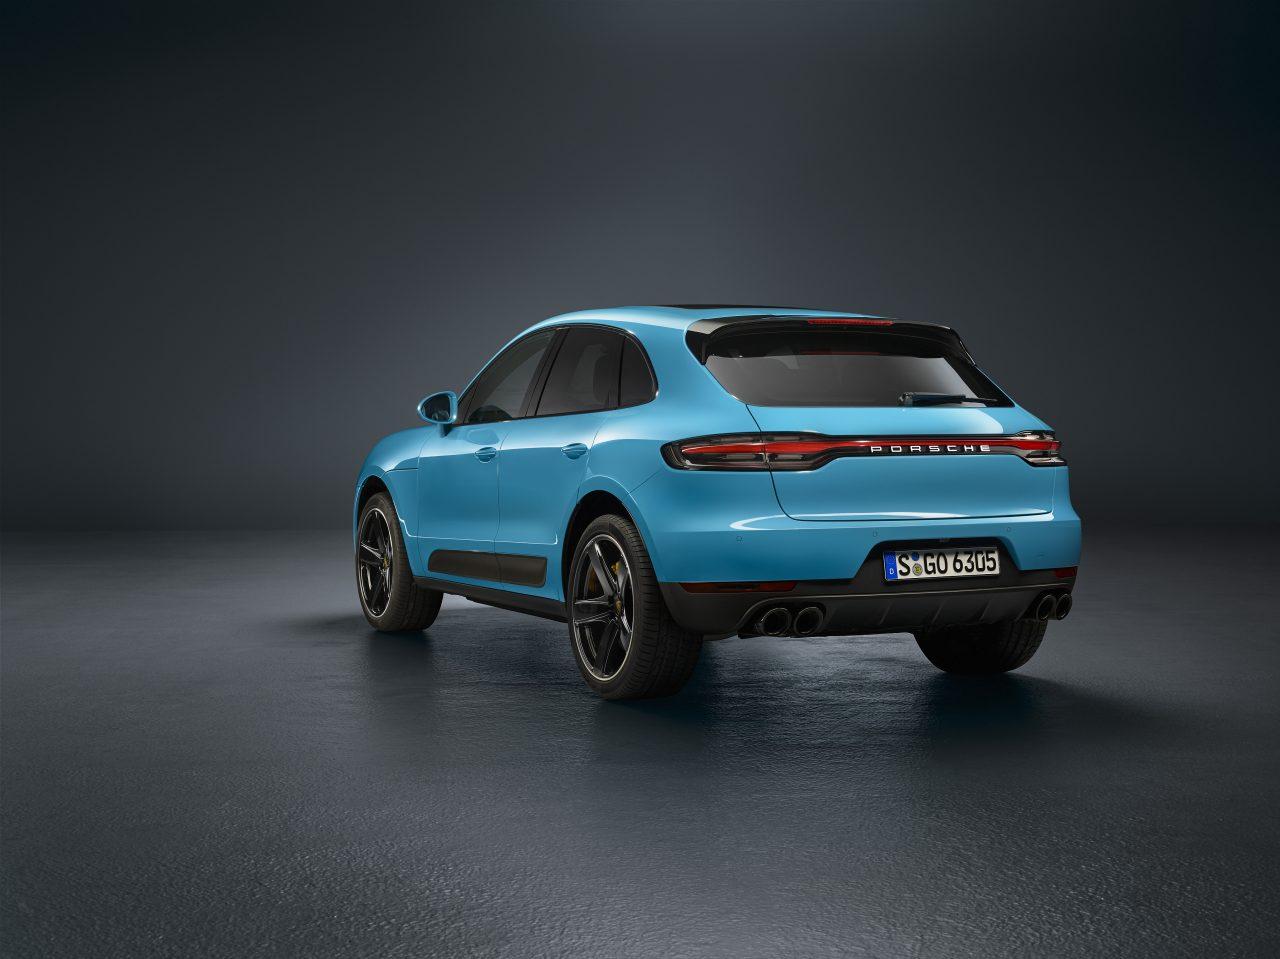 2019 Porsche Macan announced